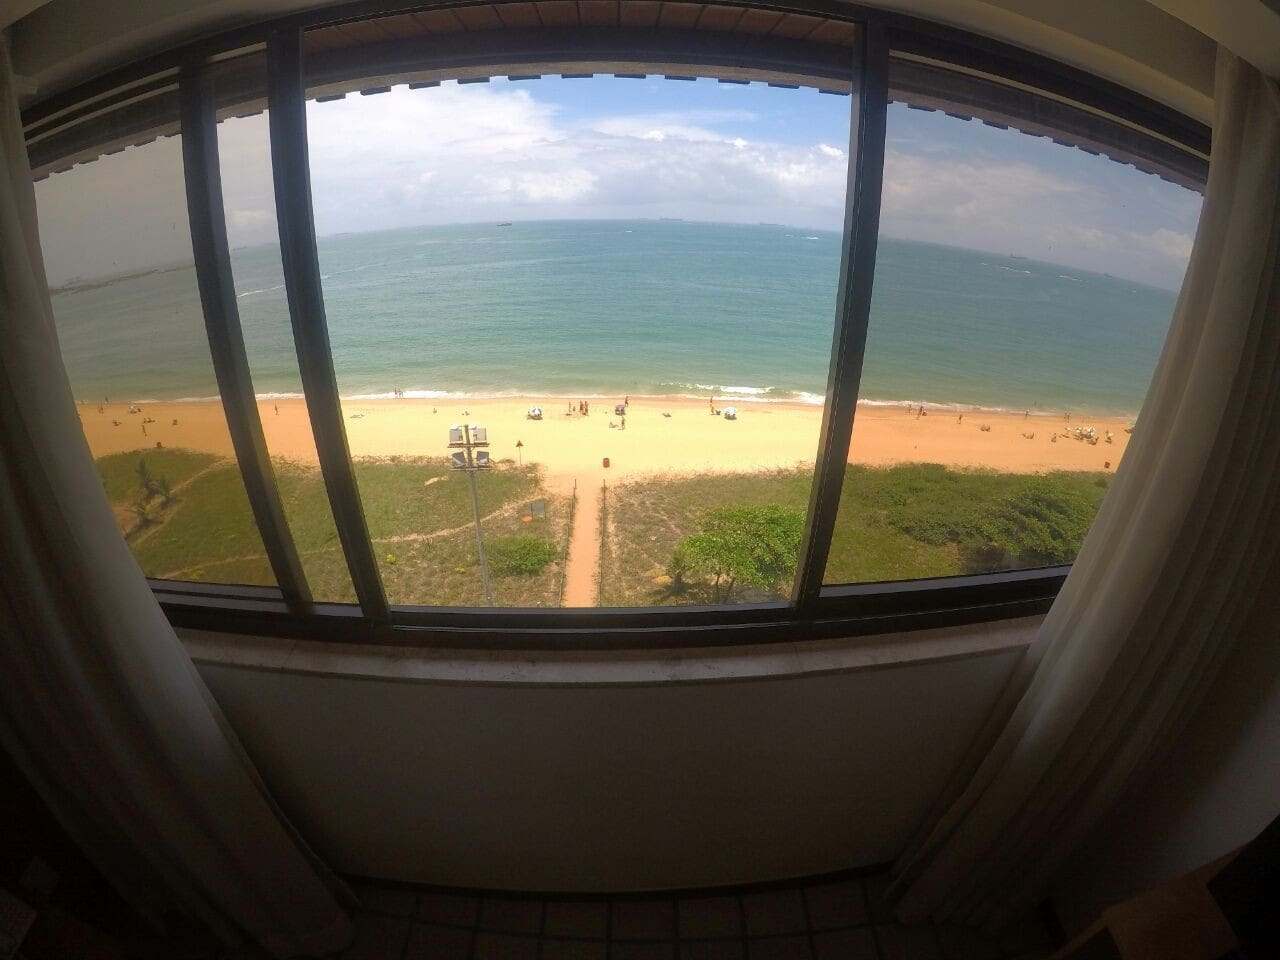 Vista da janela do quarto. Frente para o mar da Praia da Costa.